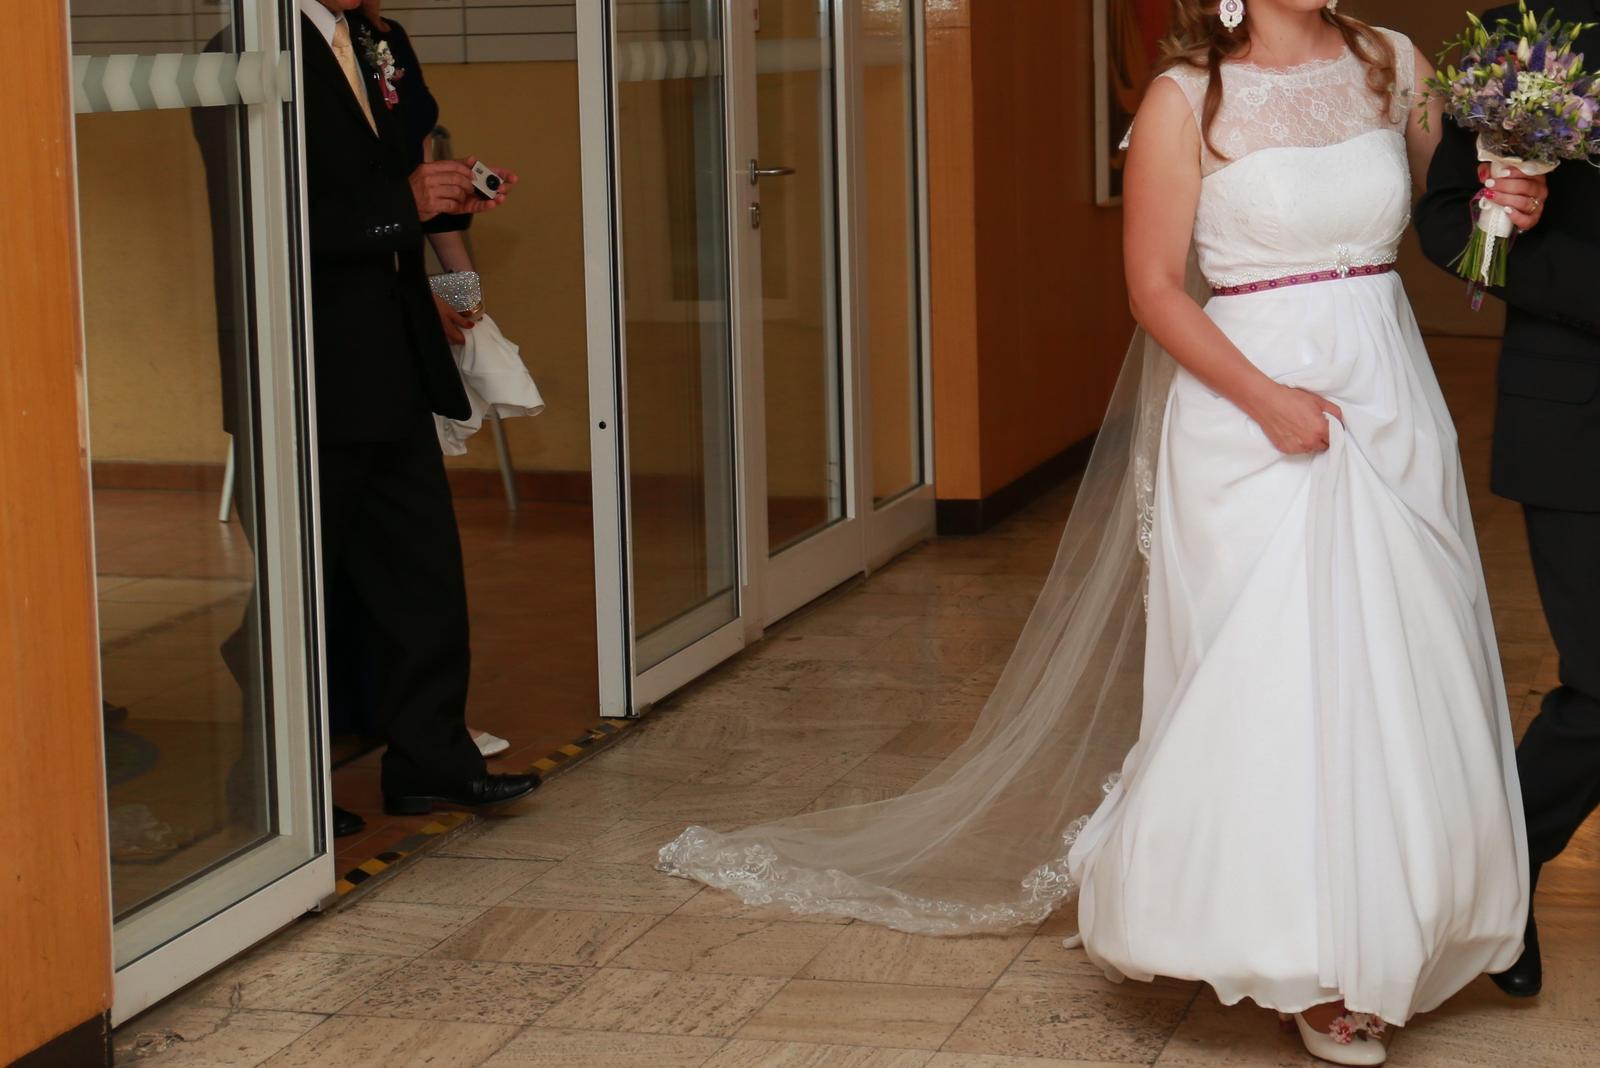 svadobné šaty aj na ľudovú nôtu - Obrázok č. 4